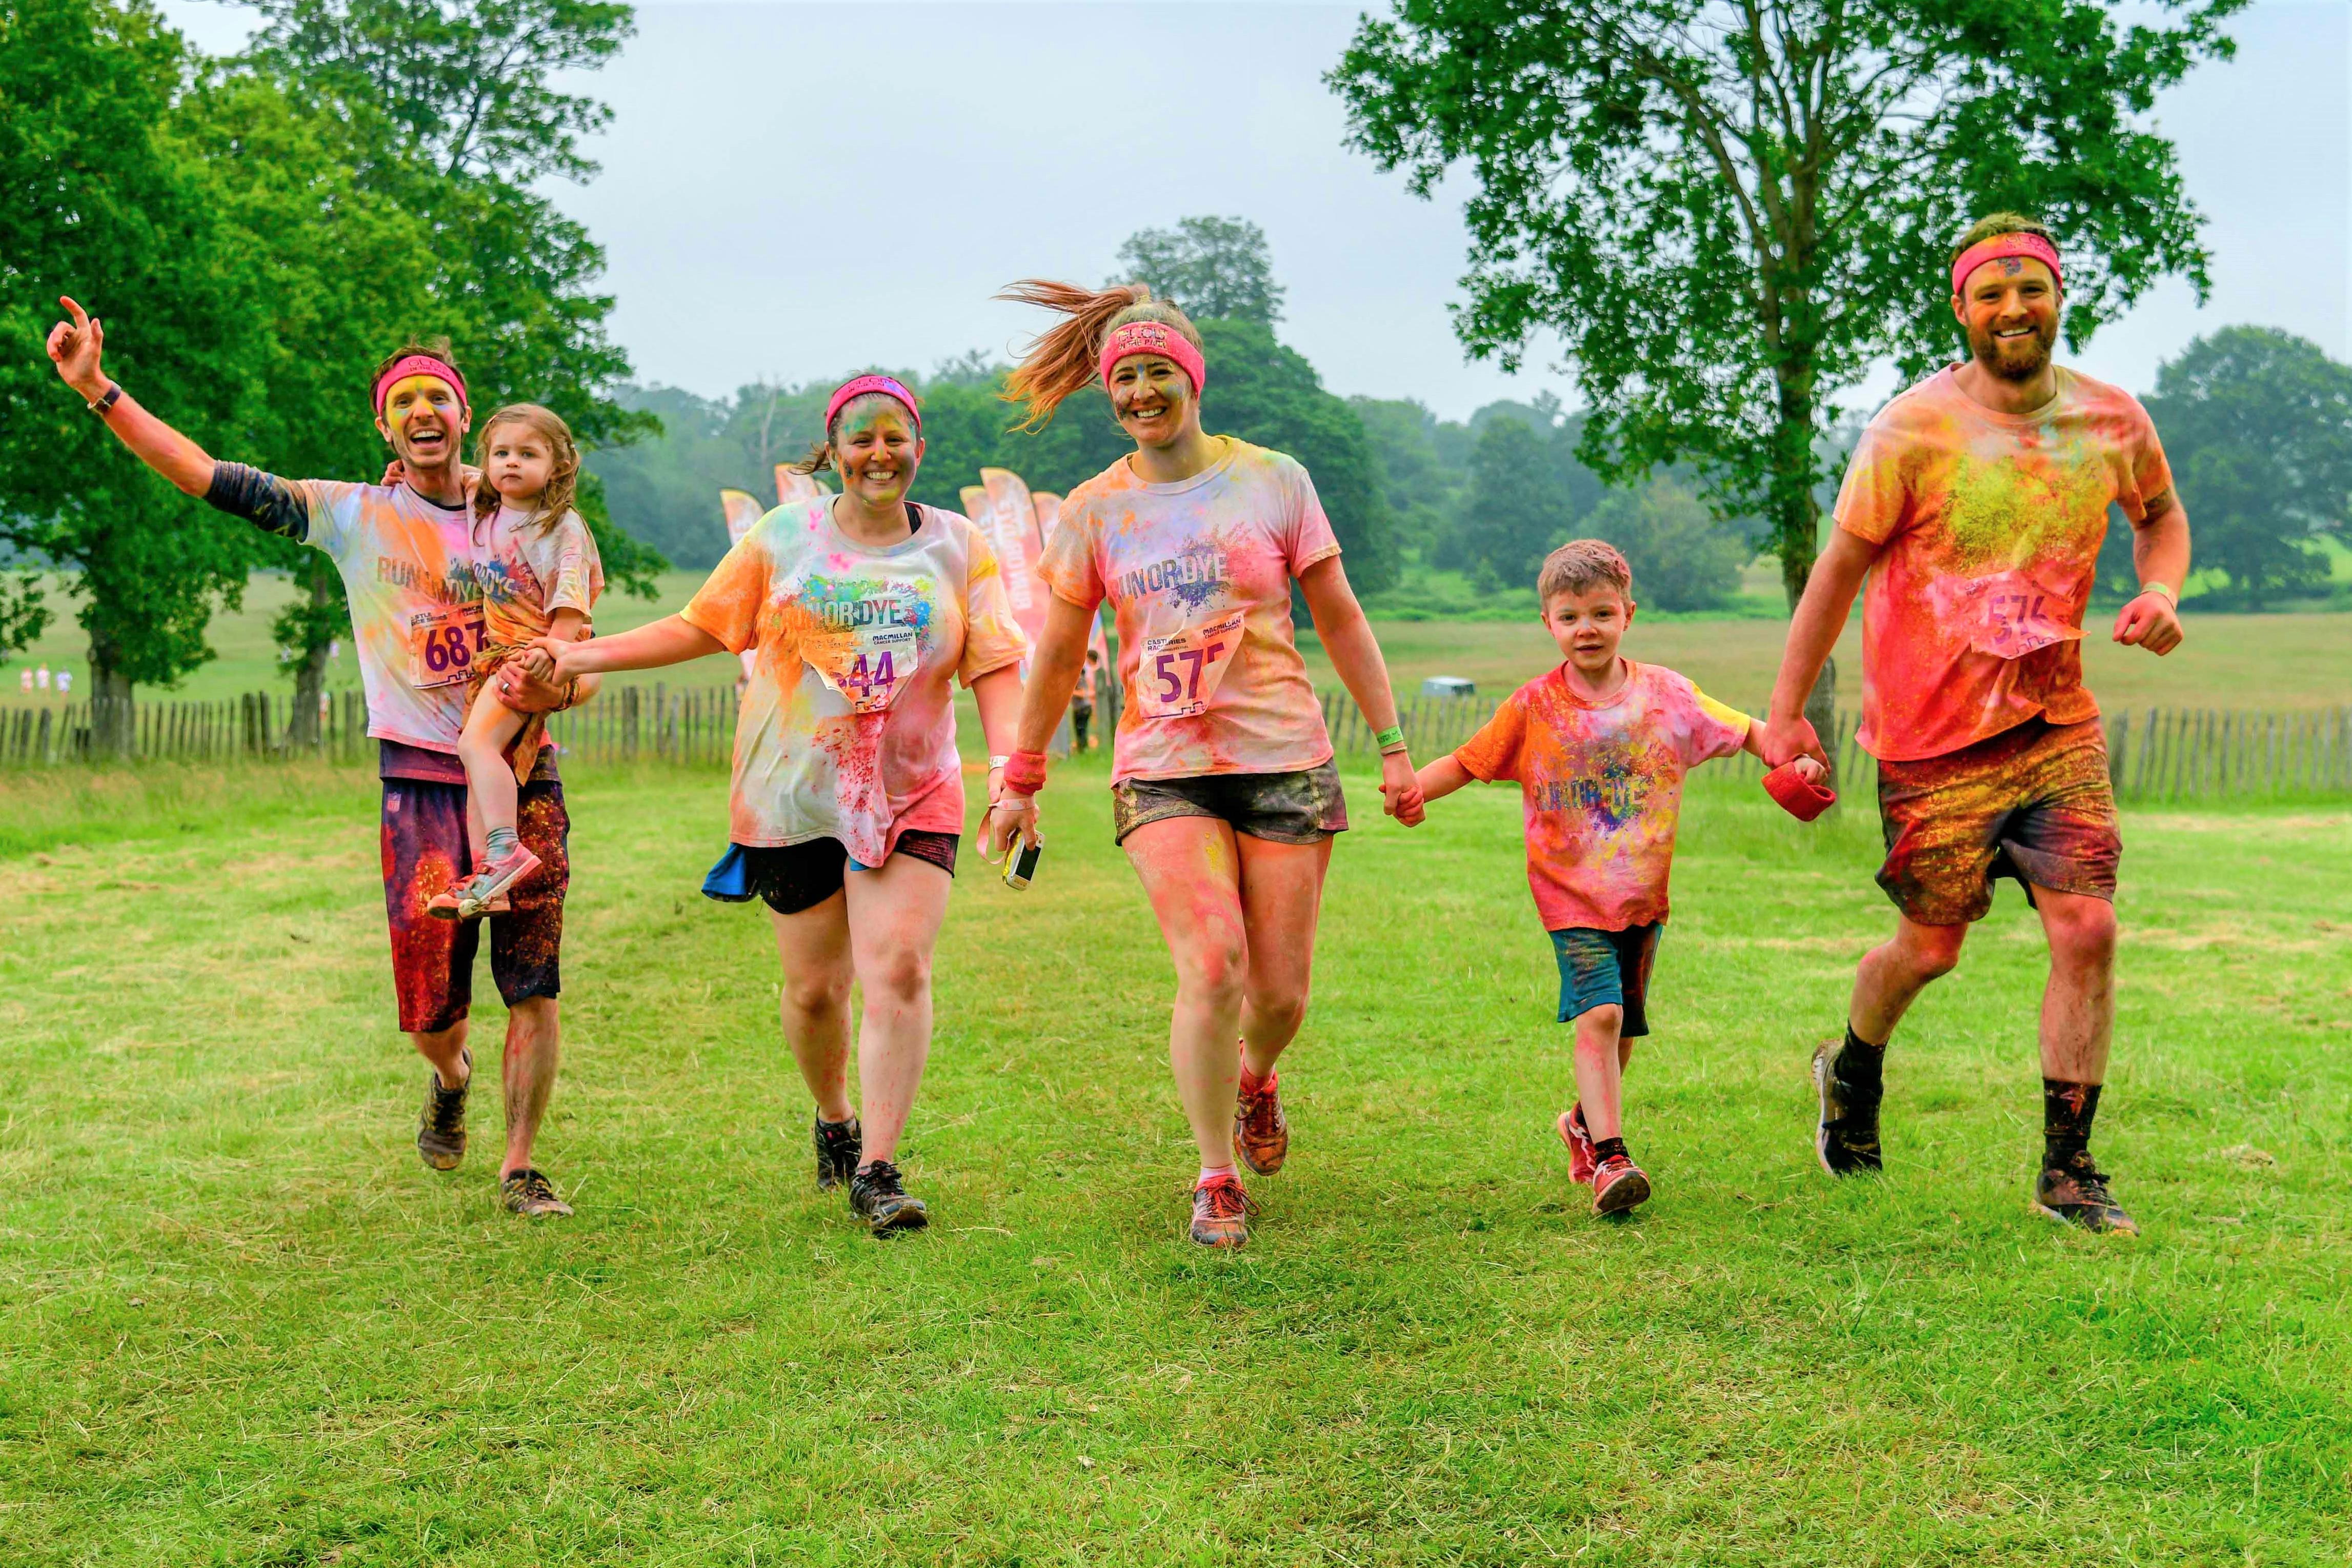 Running Festival at Penshurst Place - image 2